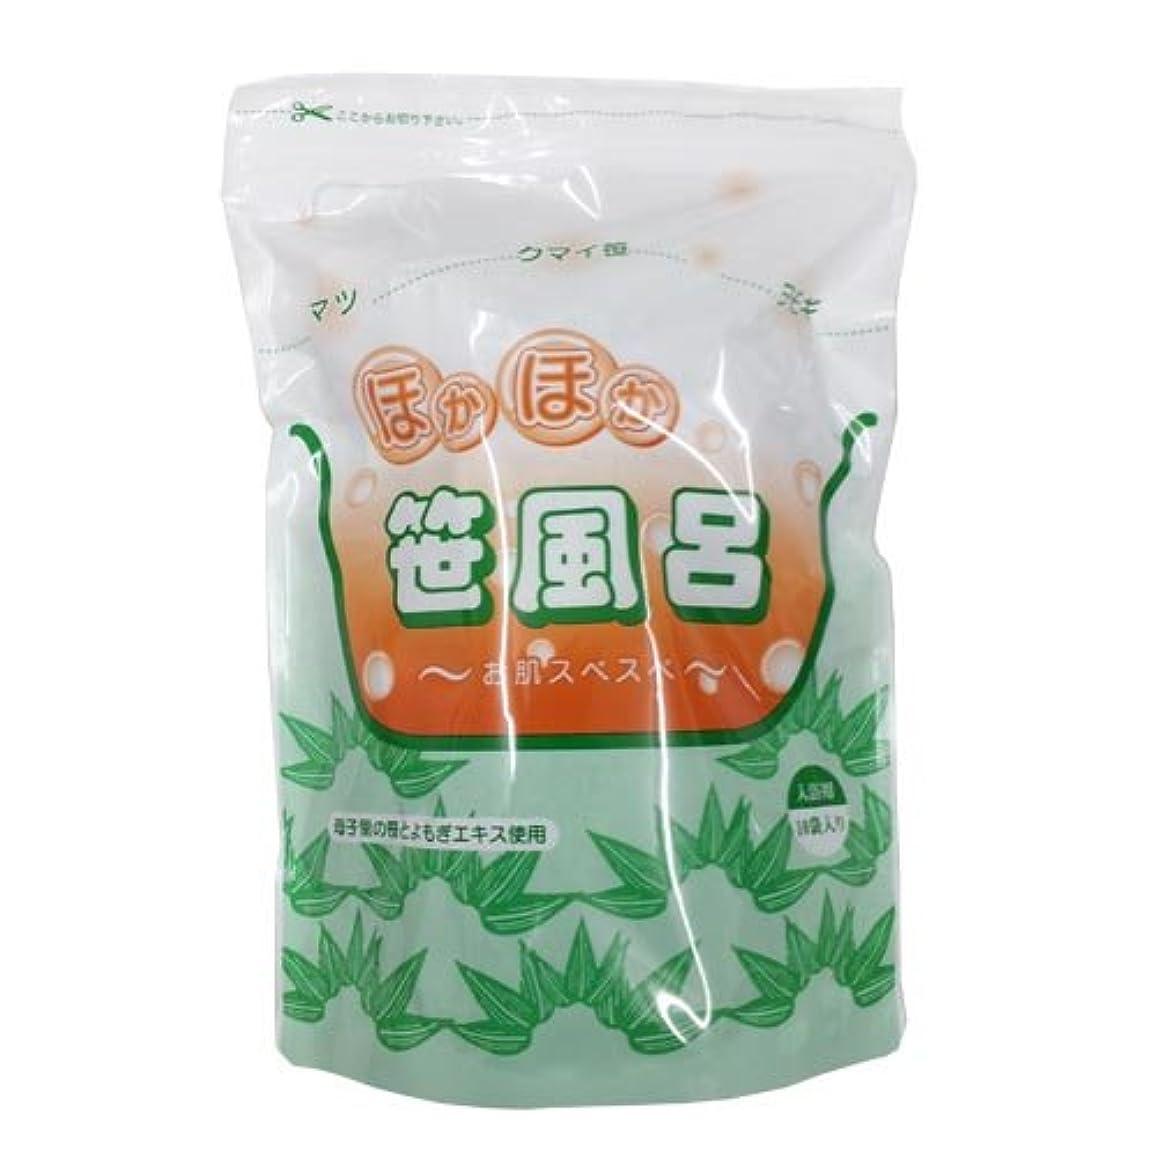 悪意のある補足理由ほかほか笹風呂 20g×10袋